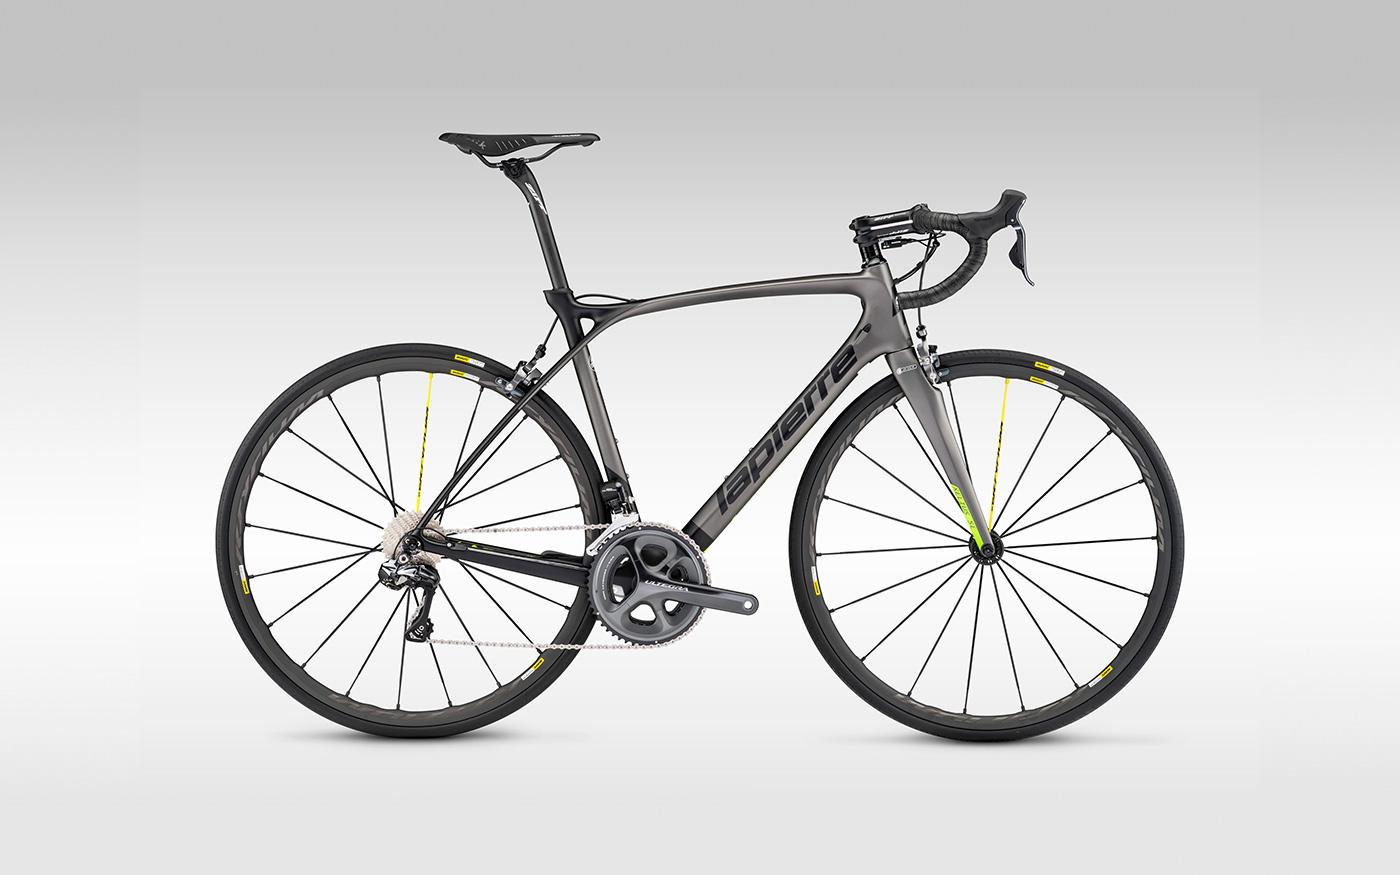 Fiche_A435-Xelius-SL-700-Ulimate-Green